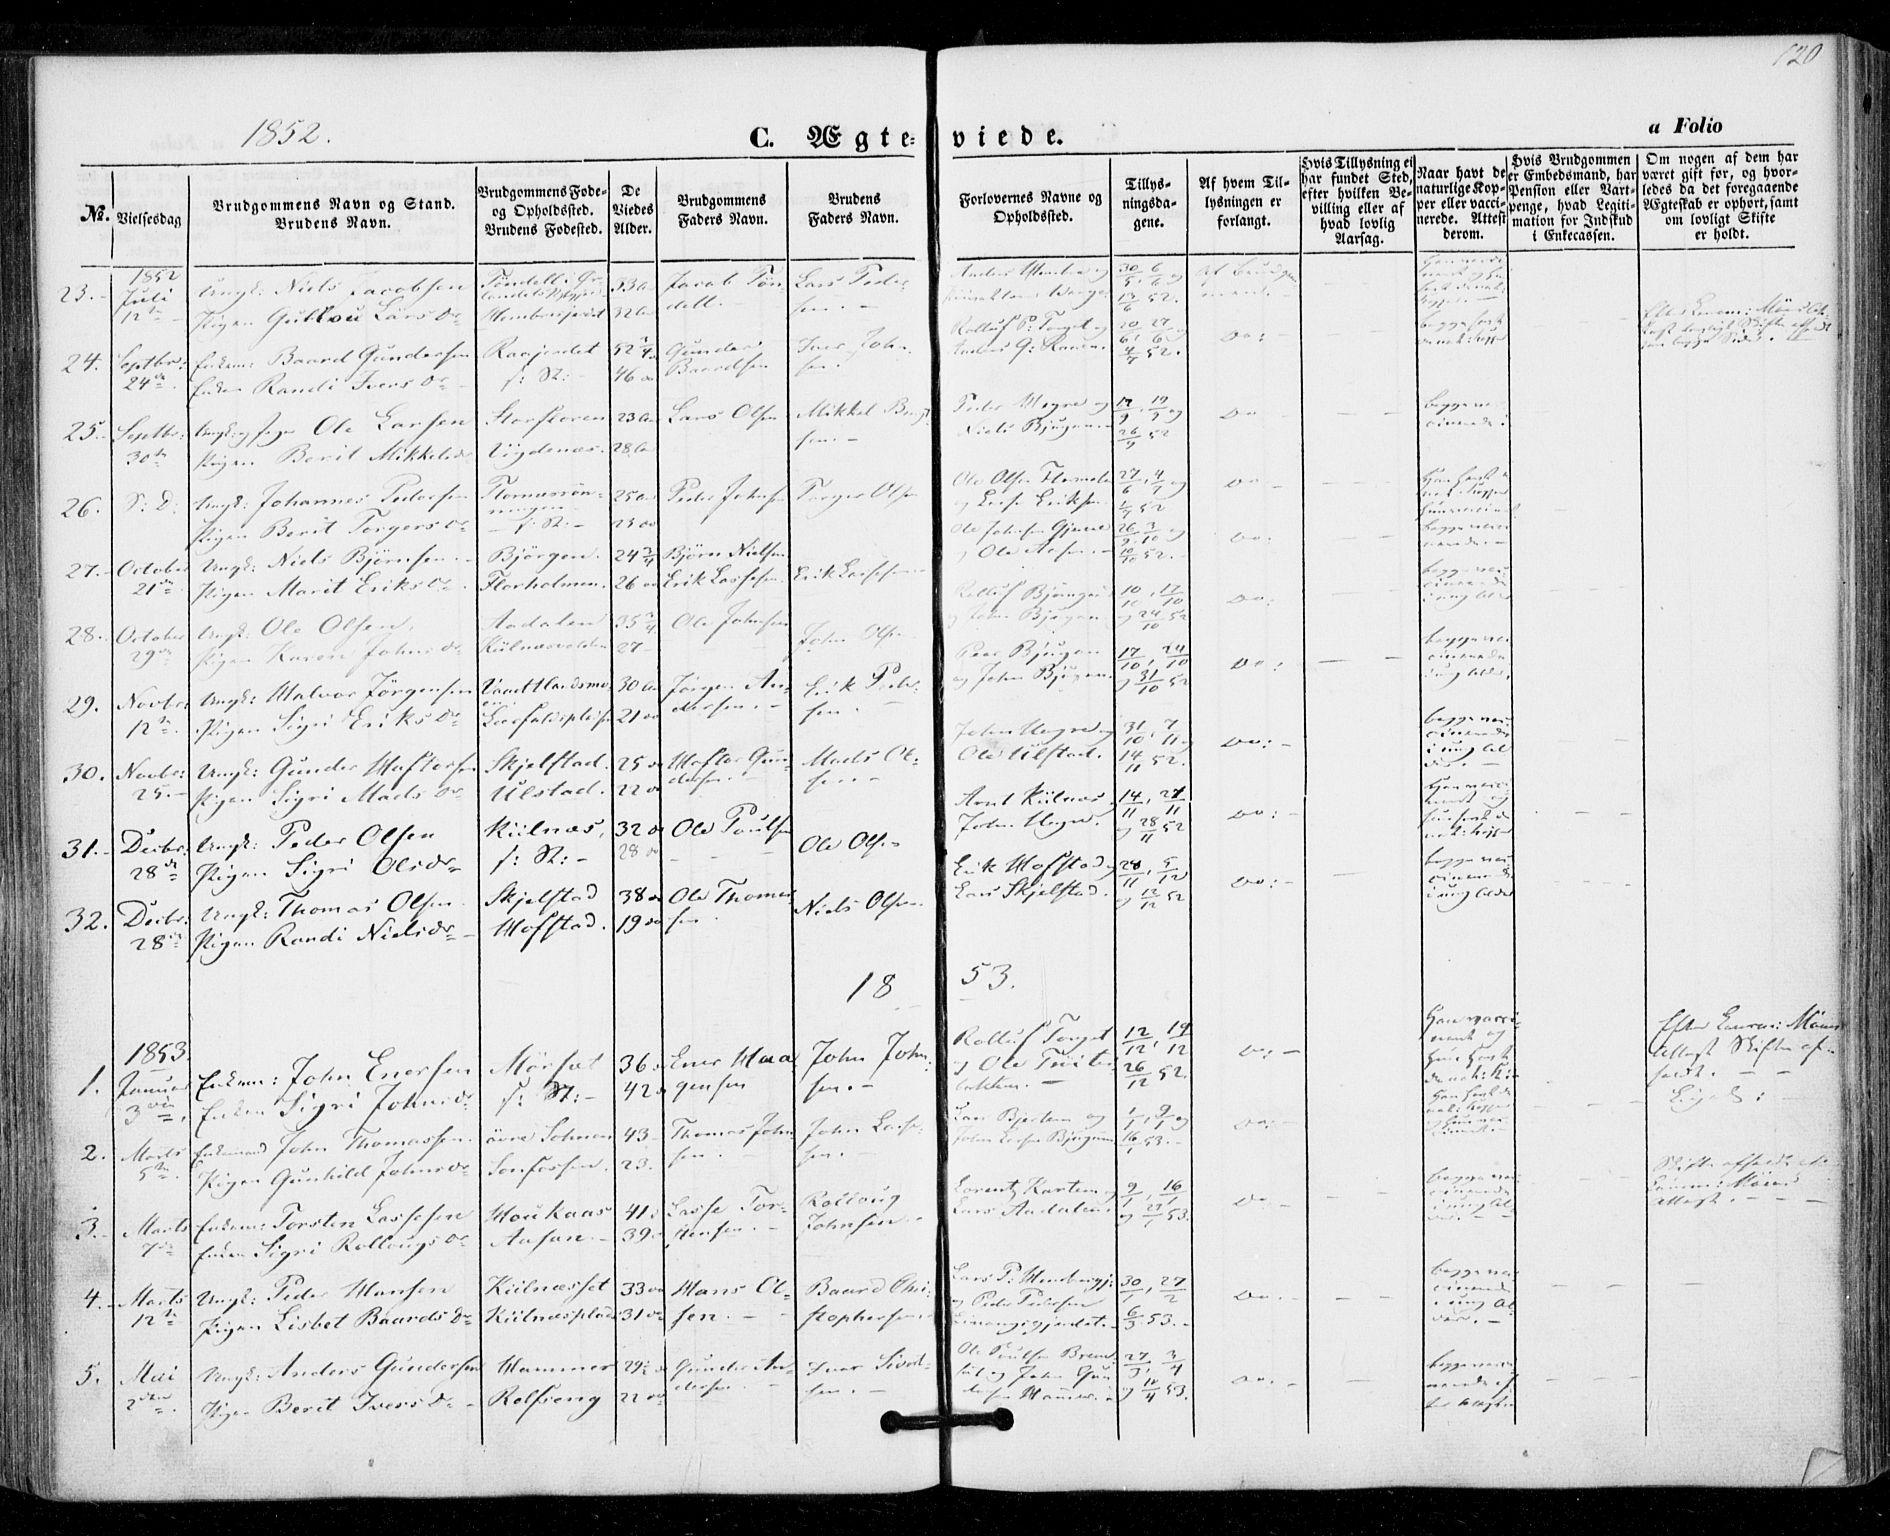 SAT, Ministerialprotokoller, klokkerbøker og fødselsregistre - Nord-Trøndelag, 703/L0028: Ministerialbok nr. 703A01, 1850-1862, s. 120